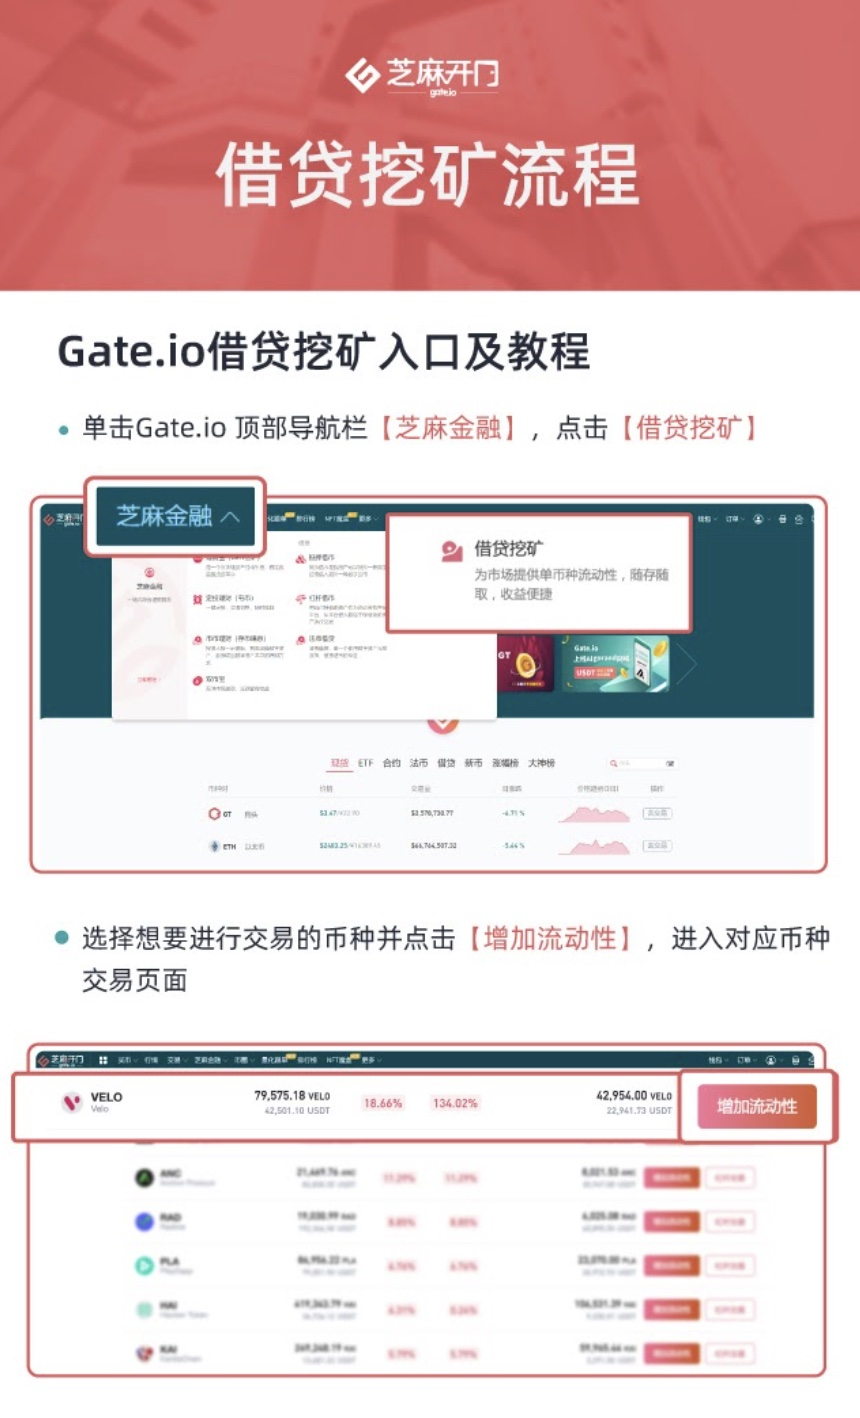 Gate.io比特儿交易所借贷挖矿7天年化收益率达149.99%插图1